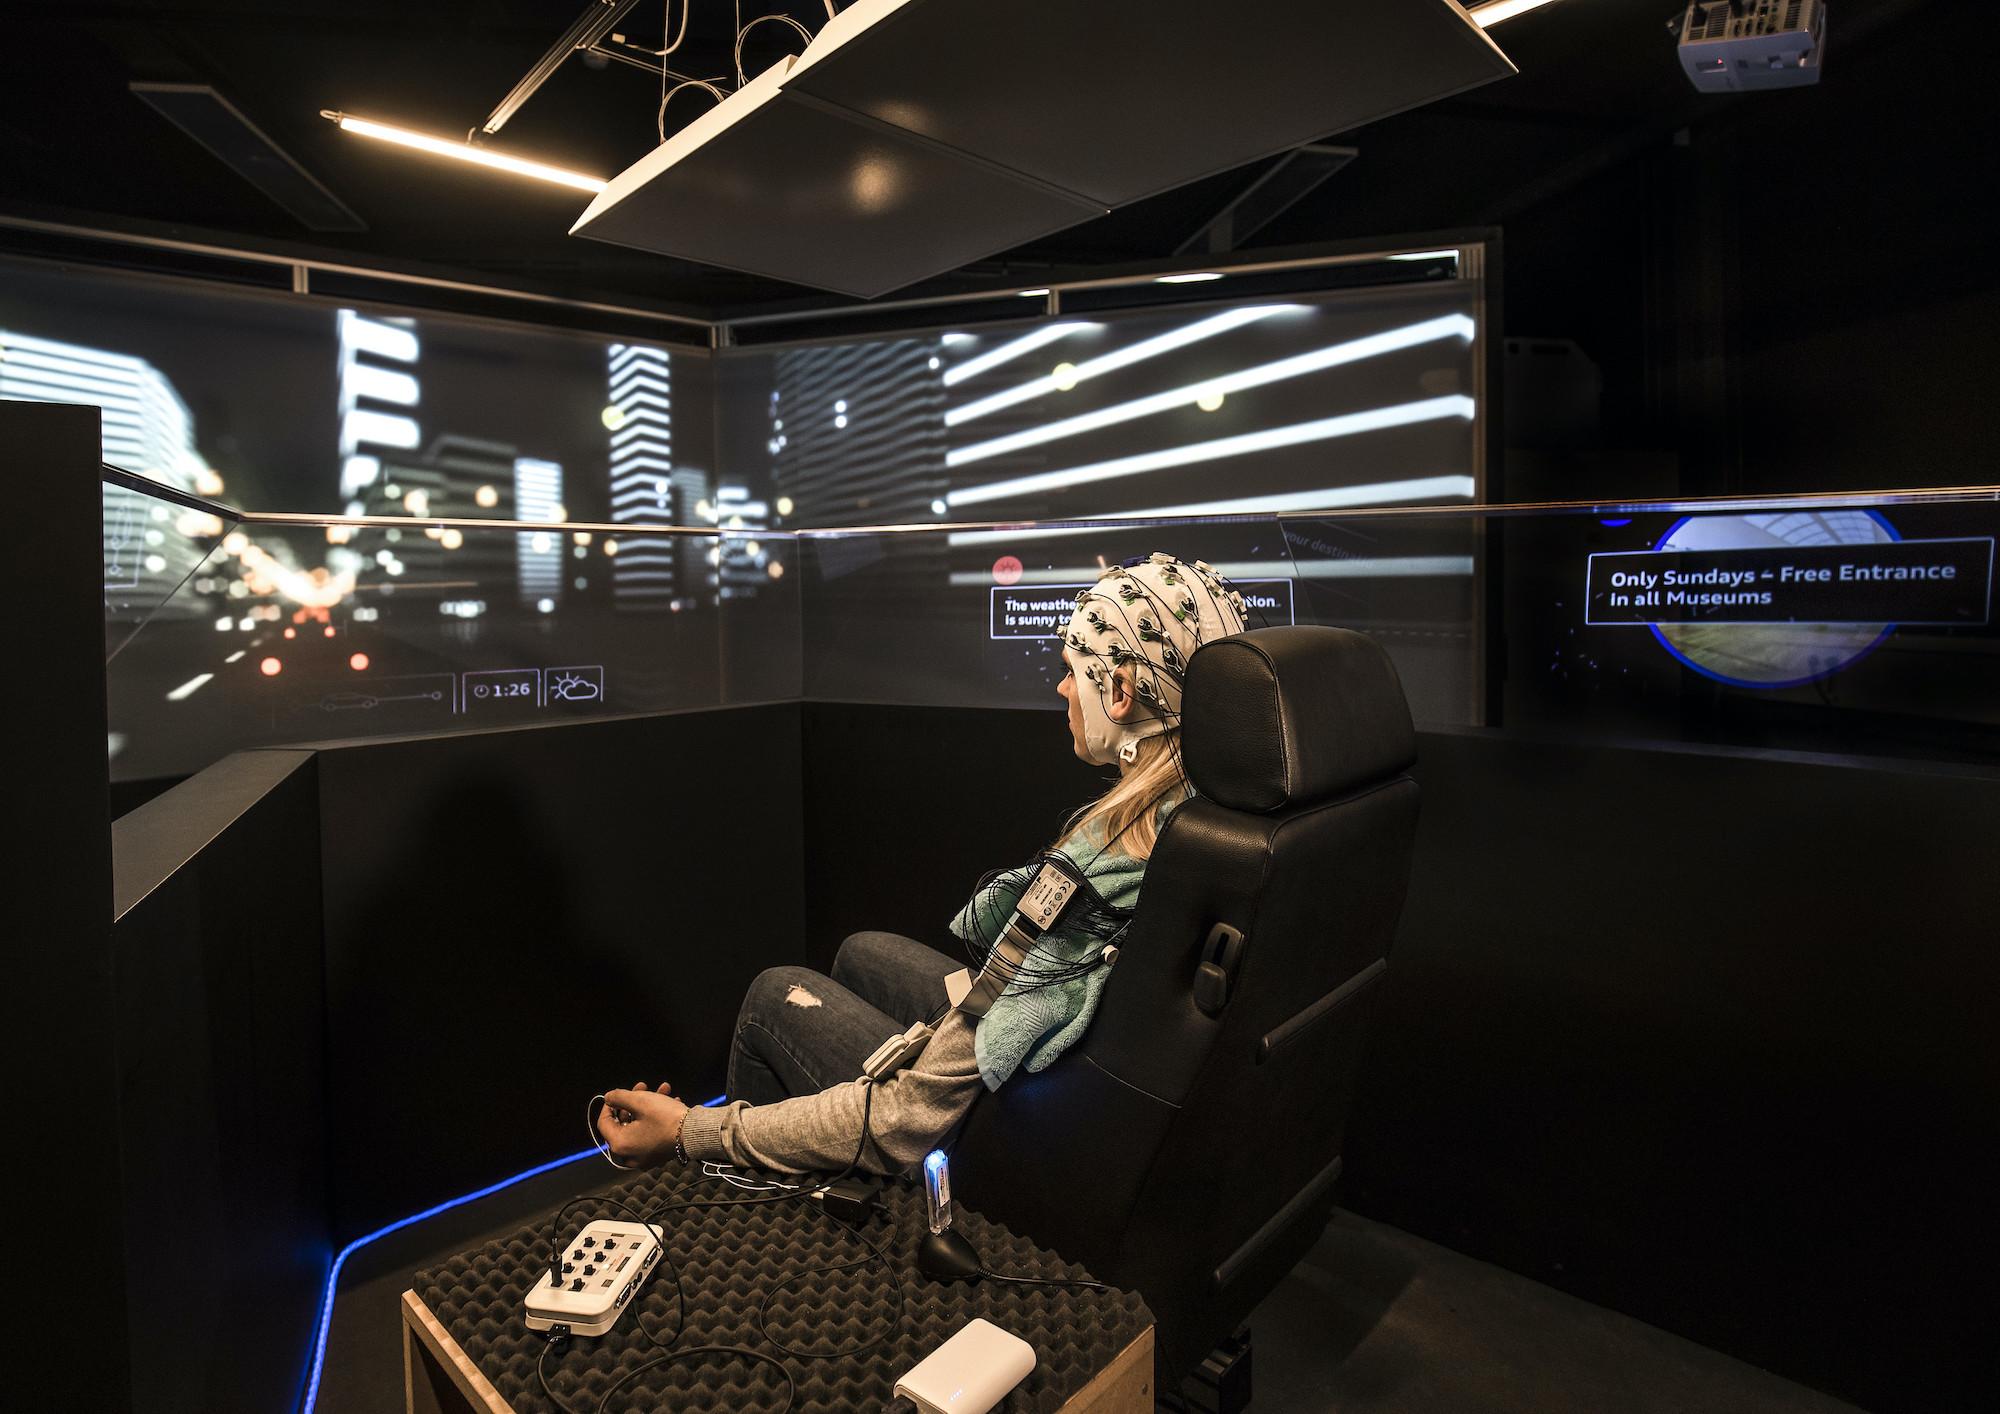 Moški med testiranjem pametnega sistema Audi v simulatorju.